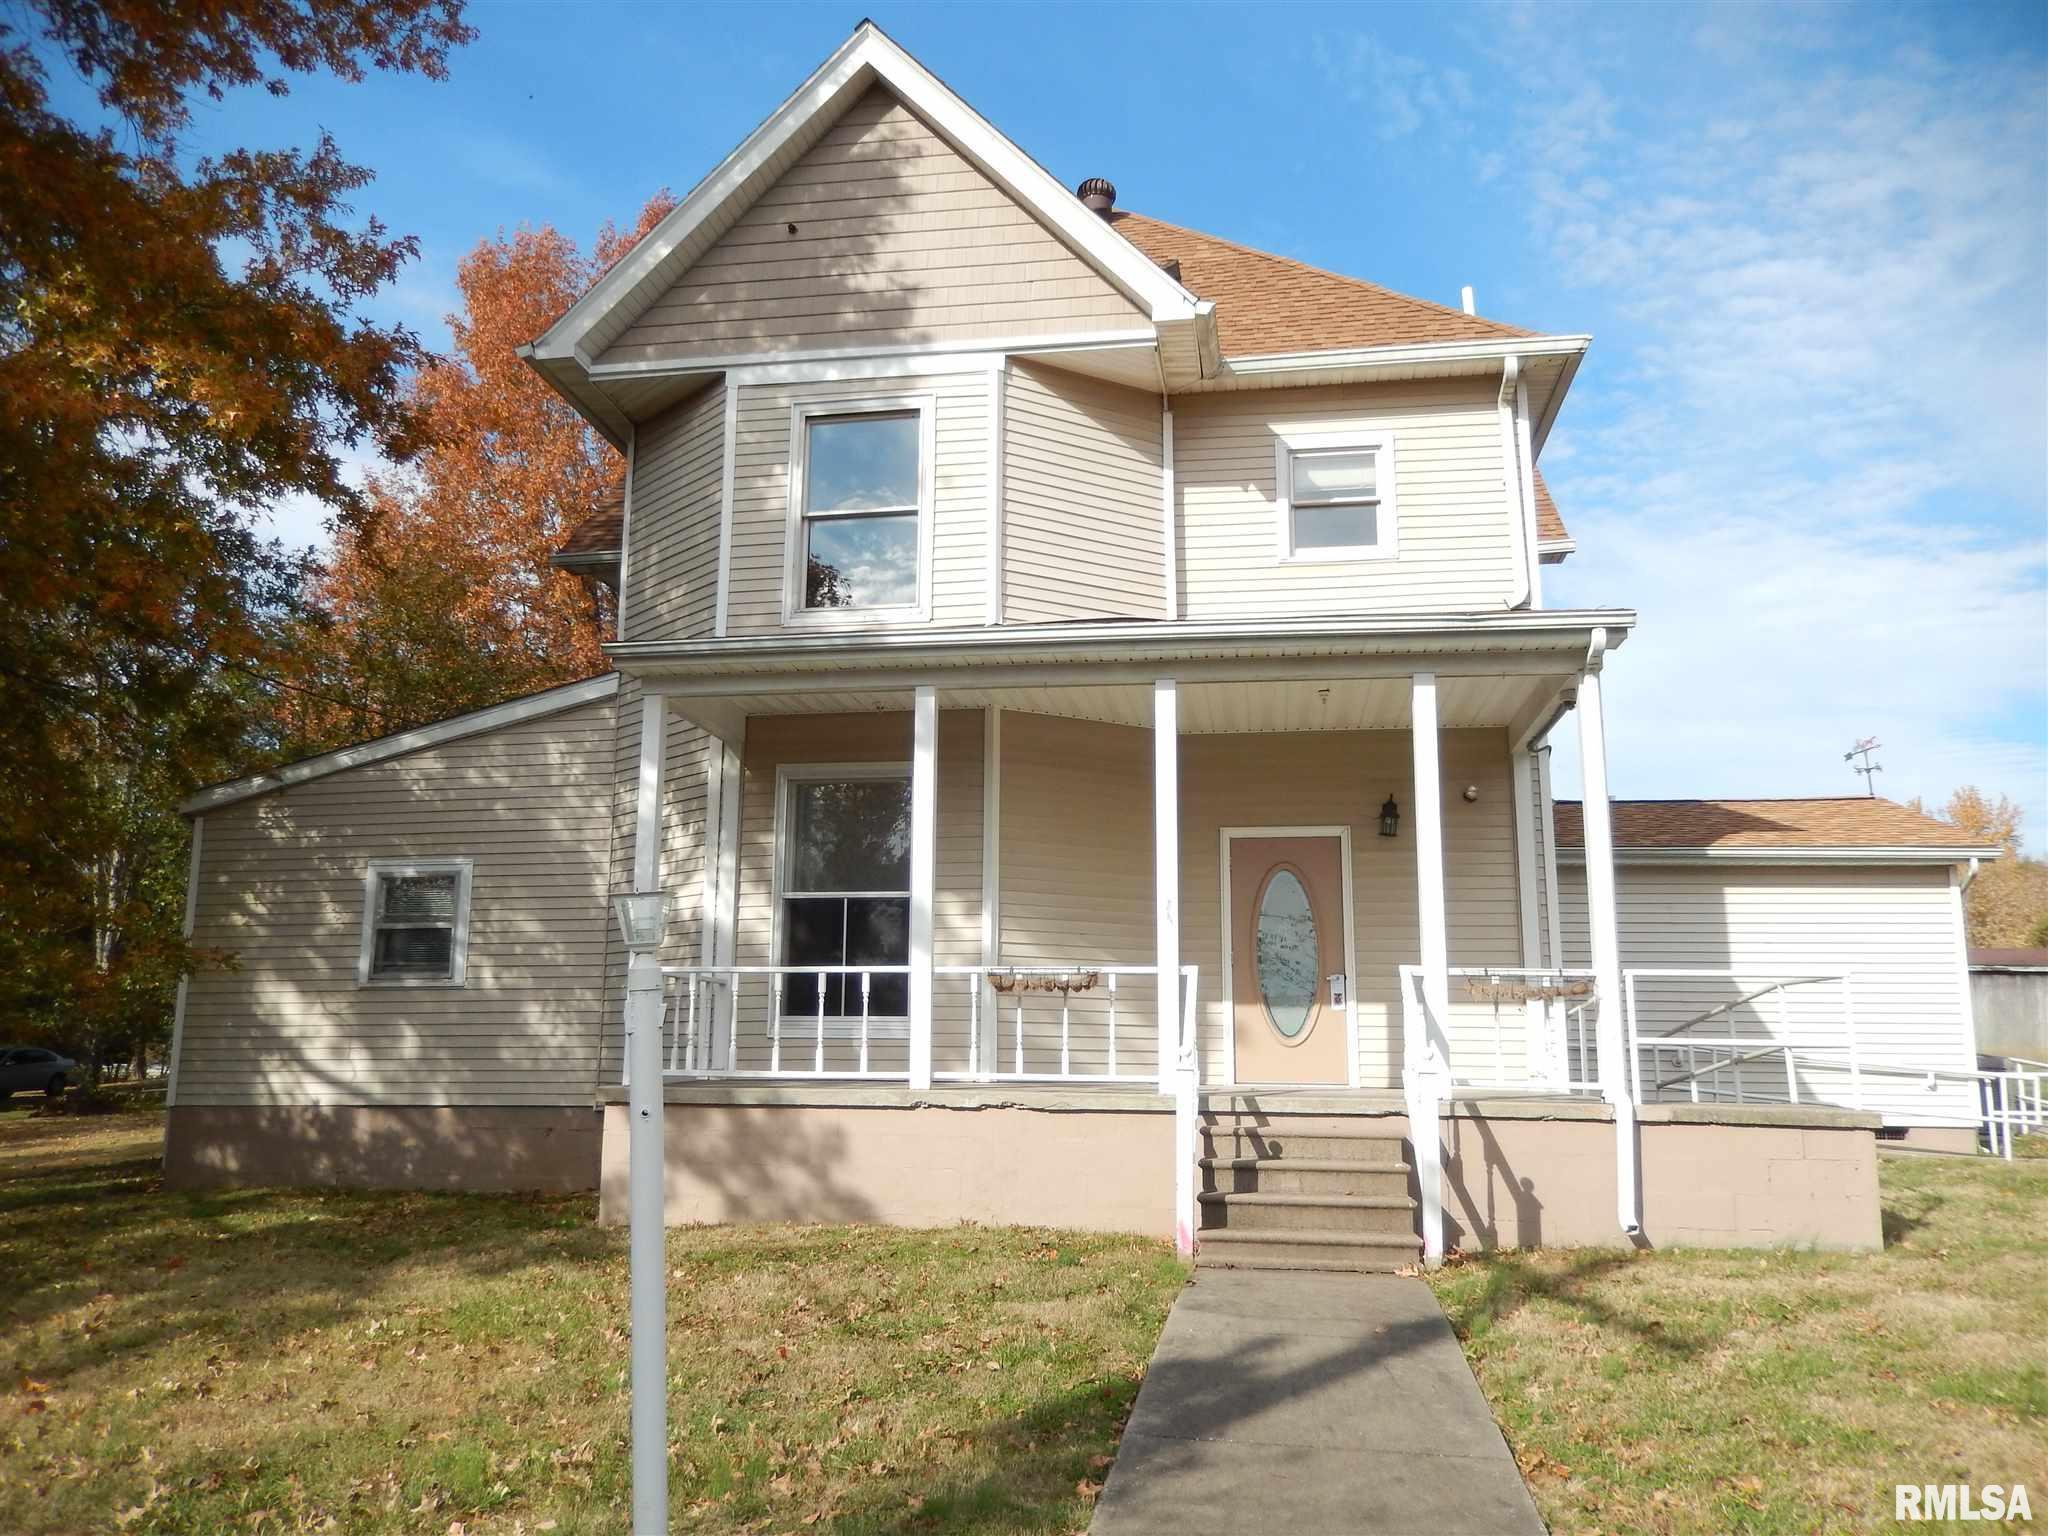 114 E ASH Property Photo - Cobden, IL real estate listing